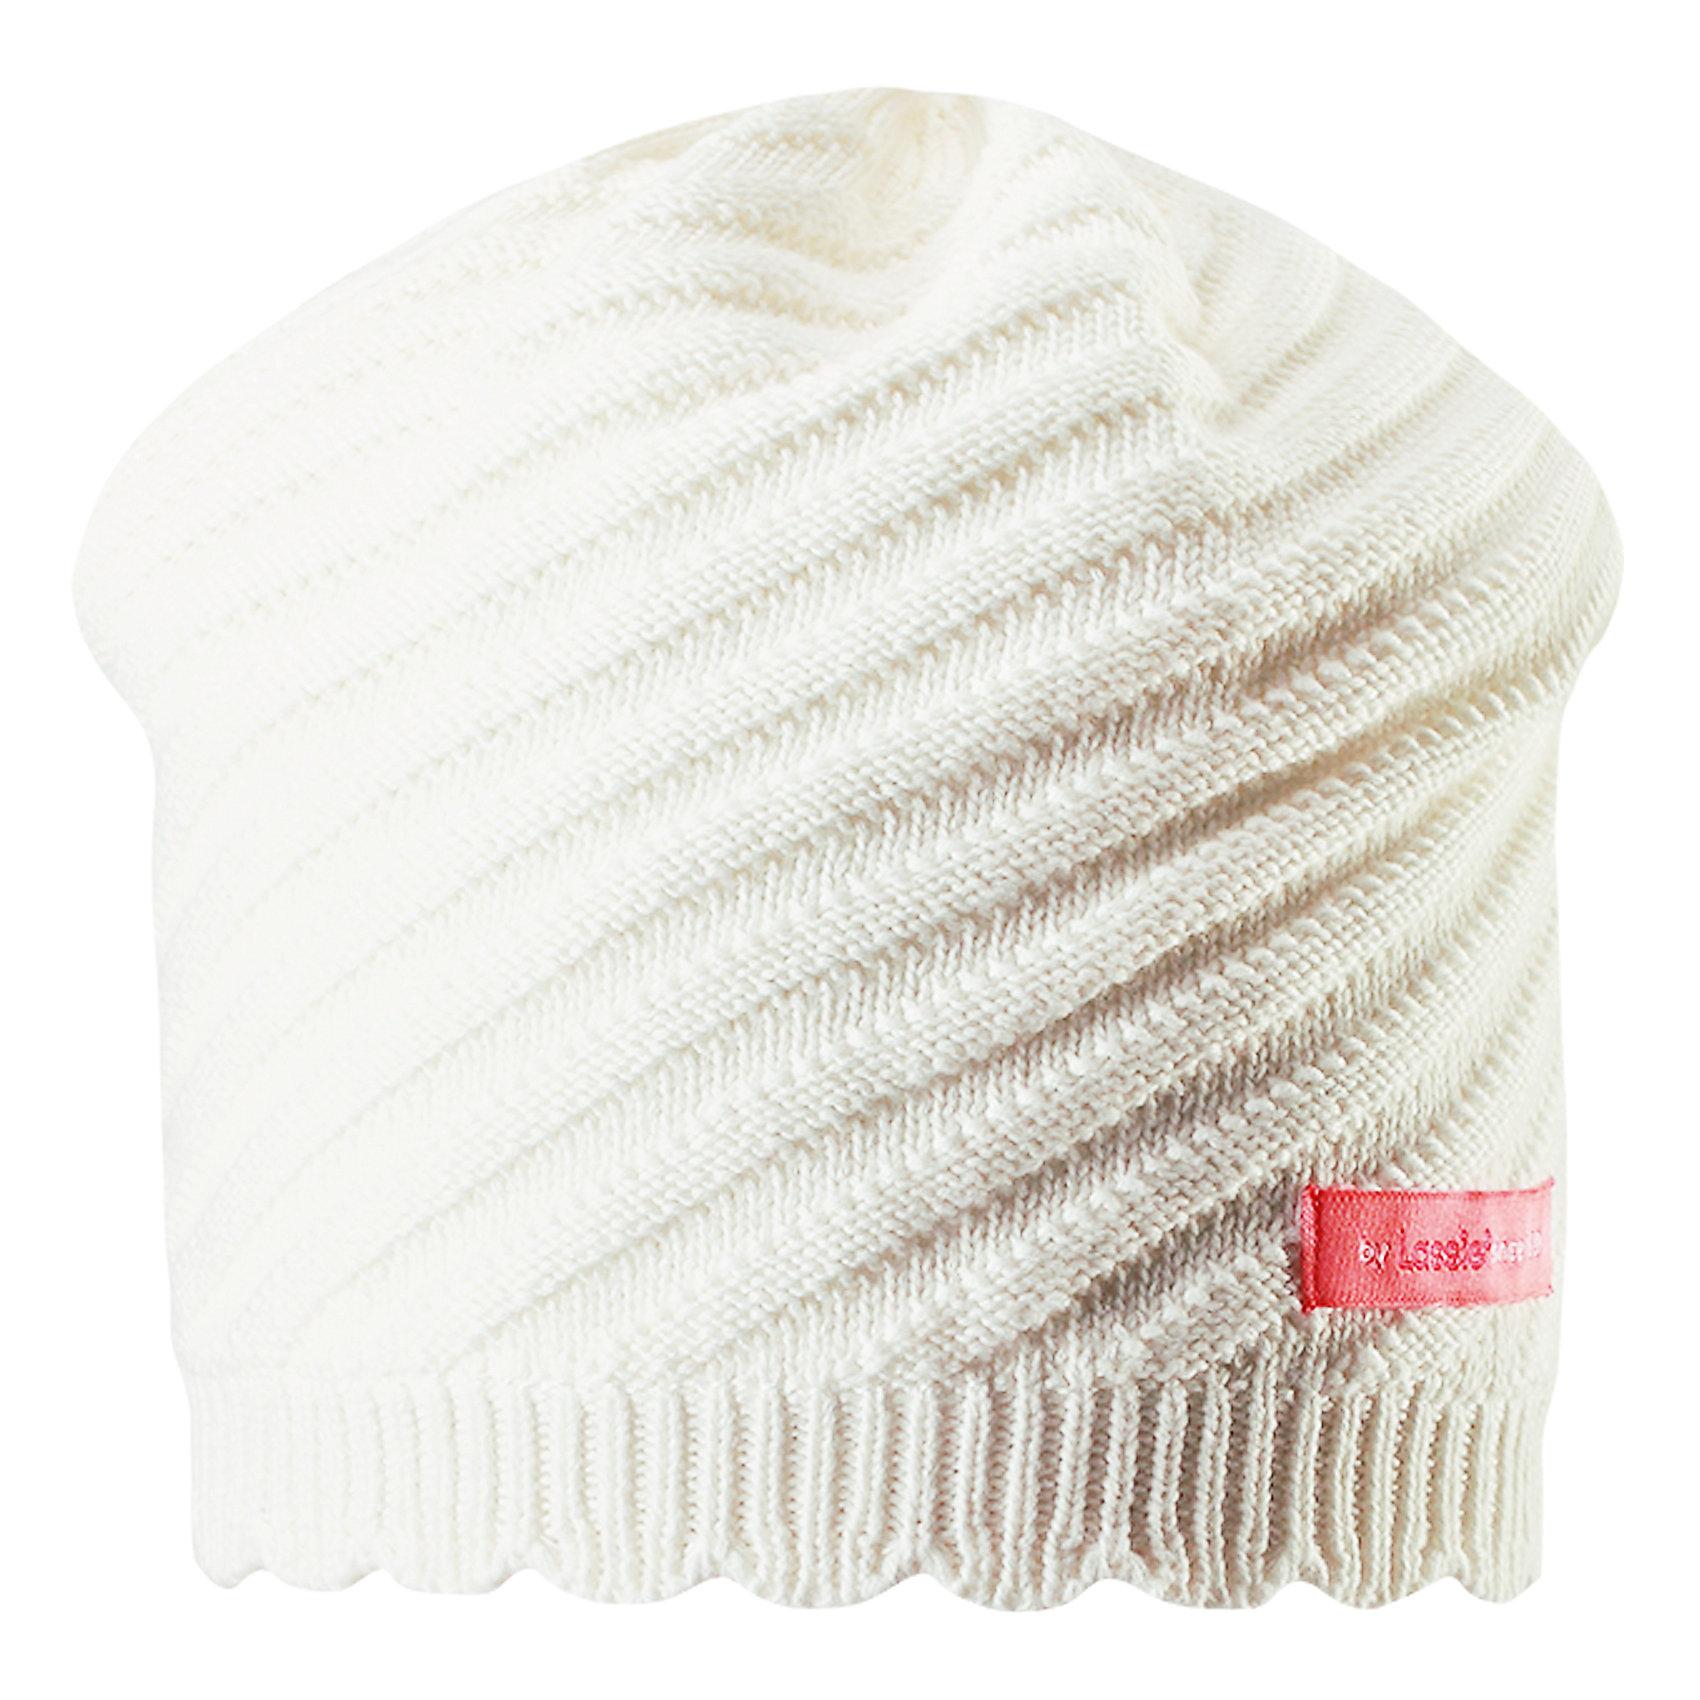 Шапкадля девочки LASSIEШапки и шарфы<br>Характеристики товара:<br><br>• цвет: белый<br>• температурный режим: от +15°до +5°С<br>• состав: 100% хлопок<br>• эластичный материал<br>• мягкая сплошная подкладка: смесь хлопка jersey<br>• ветронепроницаемые вставки в области ушей<br>• декоративная эмблема<br>• комфортная посадка<br>• страна производства: Китай<br>• страна бренда: Финляндия<br>• коллекция: весна-лето 2017<br><br>Детский головной убор может быть модным и удобным одновременно! Стильная шапка поможет обеспечить ребенку комфорт и дополнить наряд. Она отлично смотрится с различной одеждой. Шапка удобно сидит и аккуратно выглядит. Проста в уходе, долго служит. Продуманный крой разрабатывался специально для детей.<br><br>Обувь и одежда от финского бренда LASSIE пользуются популярностью во многих странах. Они стильные, качественные и удобные. Для производства продукции используются только безопасные, проверенные материалы и фурнитура. Порадуйте ребенка модными и красивыми вещами от Lassie®! <br><br>Шапку для девочки от финского бренда LASSIE можно купить в нашем интернет-магазине.<br><br>Ширина мм: 89<br>Глубина мм: 117<br>Высота мм: 44<br>Вес г: 155<br>Цвет: белый<br>Возраст от месяцев: 12<br>Возраст до месяцев: 18<br>Пол: Женский<br>Возраст: Детский<br>Размер: 46-48,50-52,54-56<br>SKU: 5264207